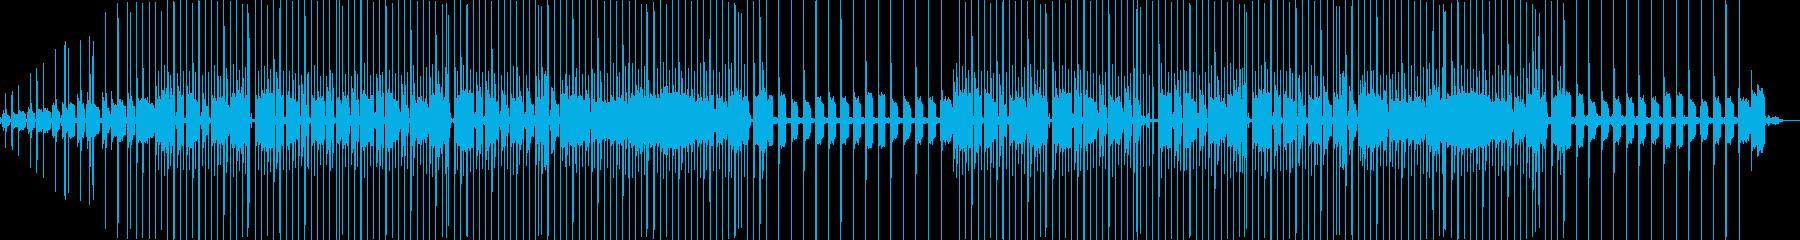 自然の中の音楽の再生済みの波形